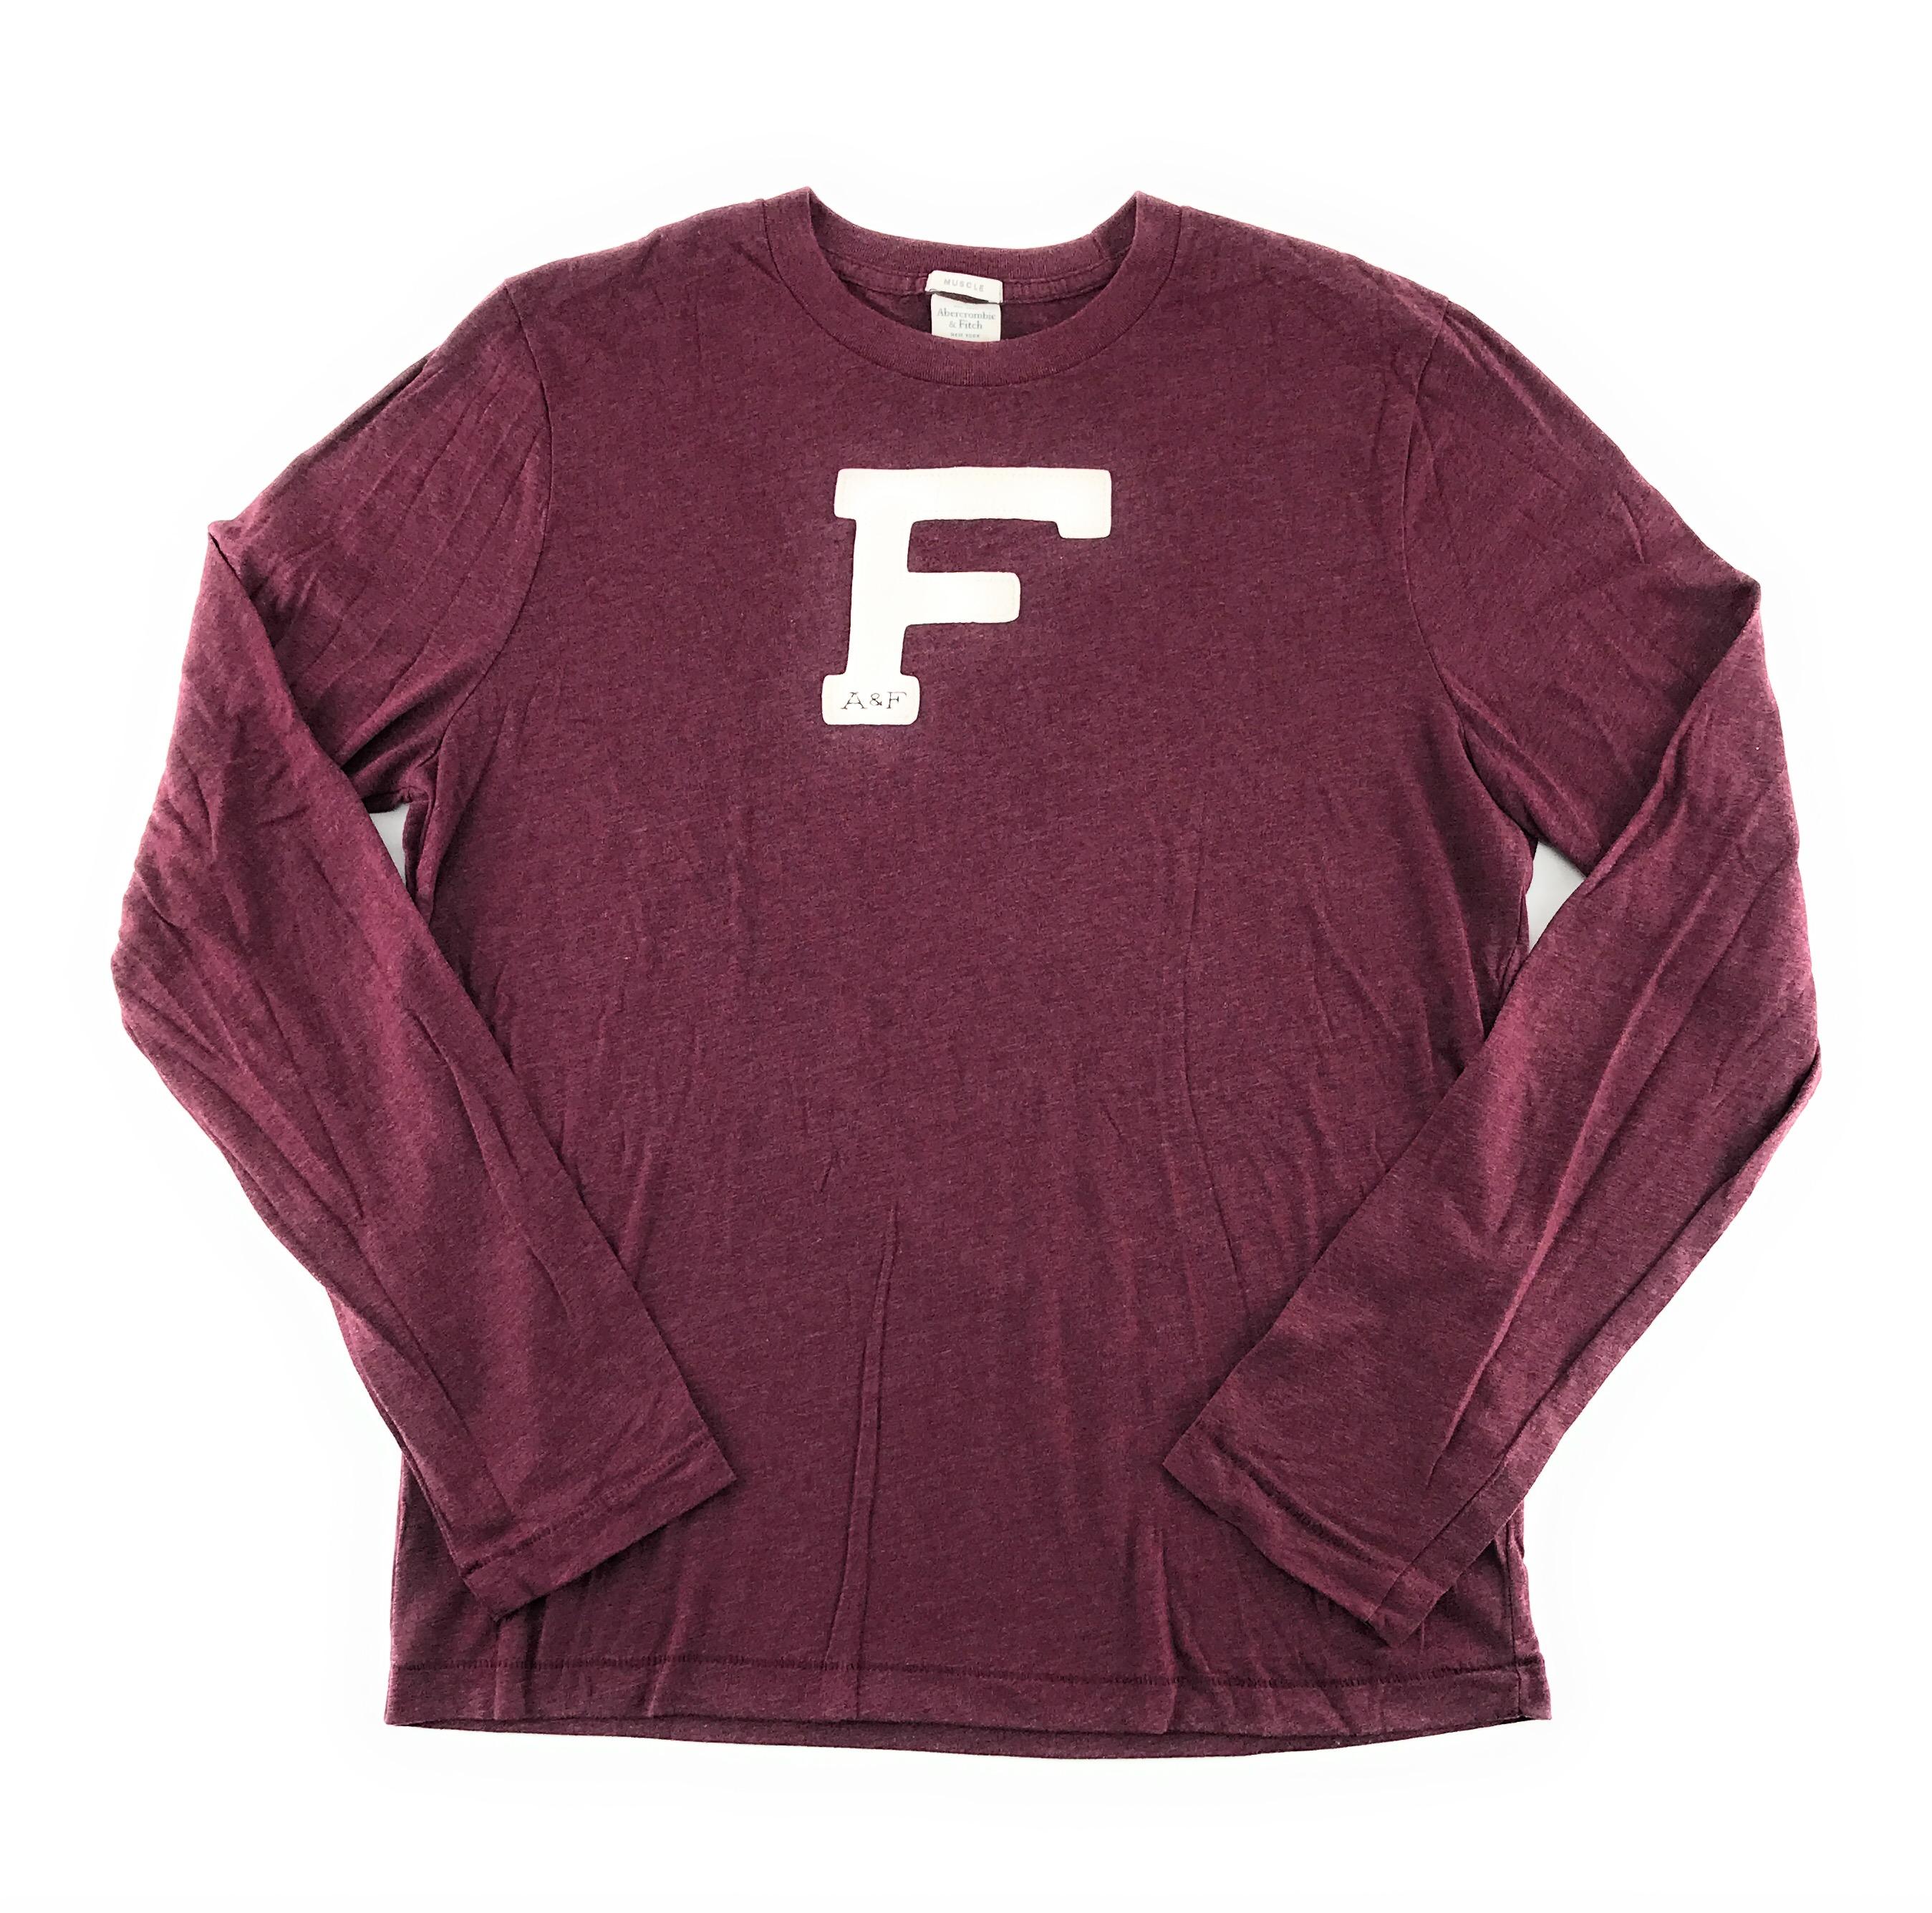 1a0961e7838 abercrombie t shirt purple sale   OFF35% Discounts